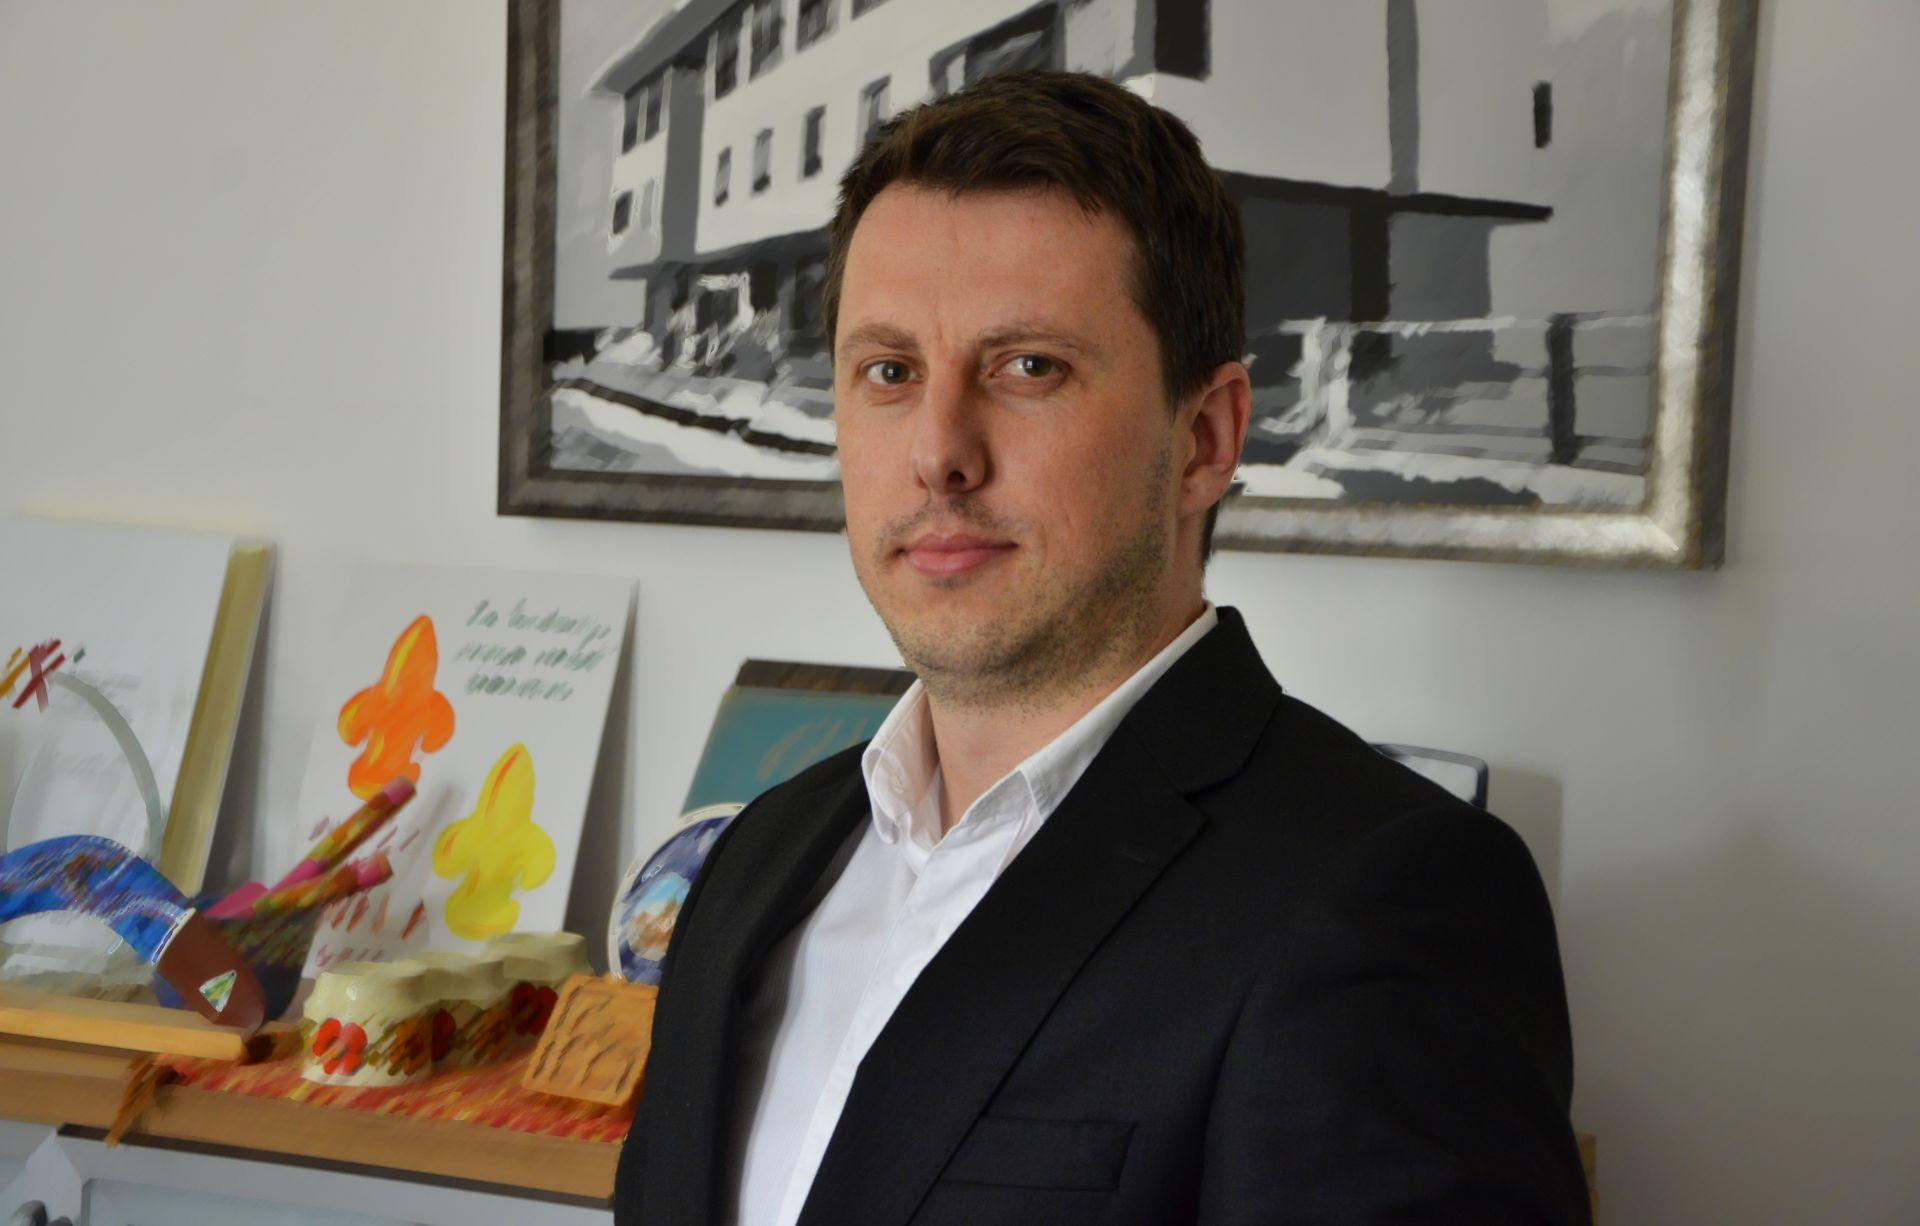 Tarik Agetovic, direktor Fondacije Izvor nade, august 2017